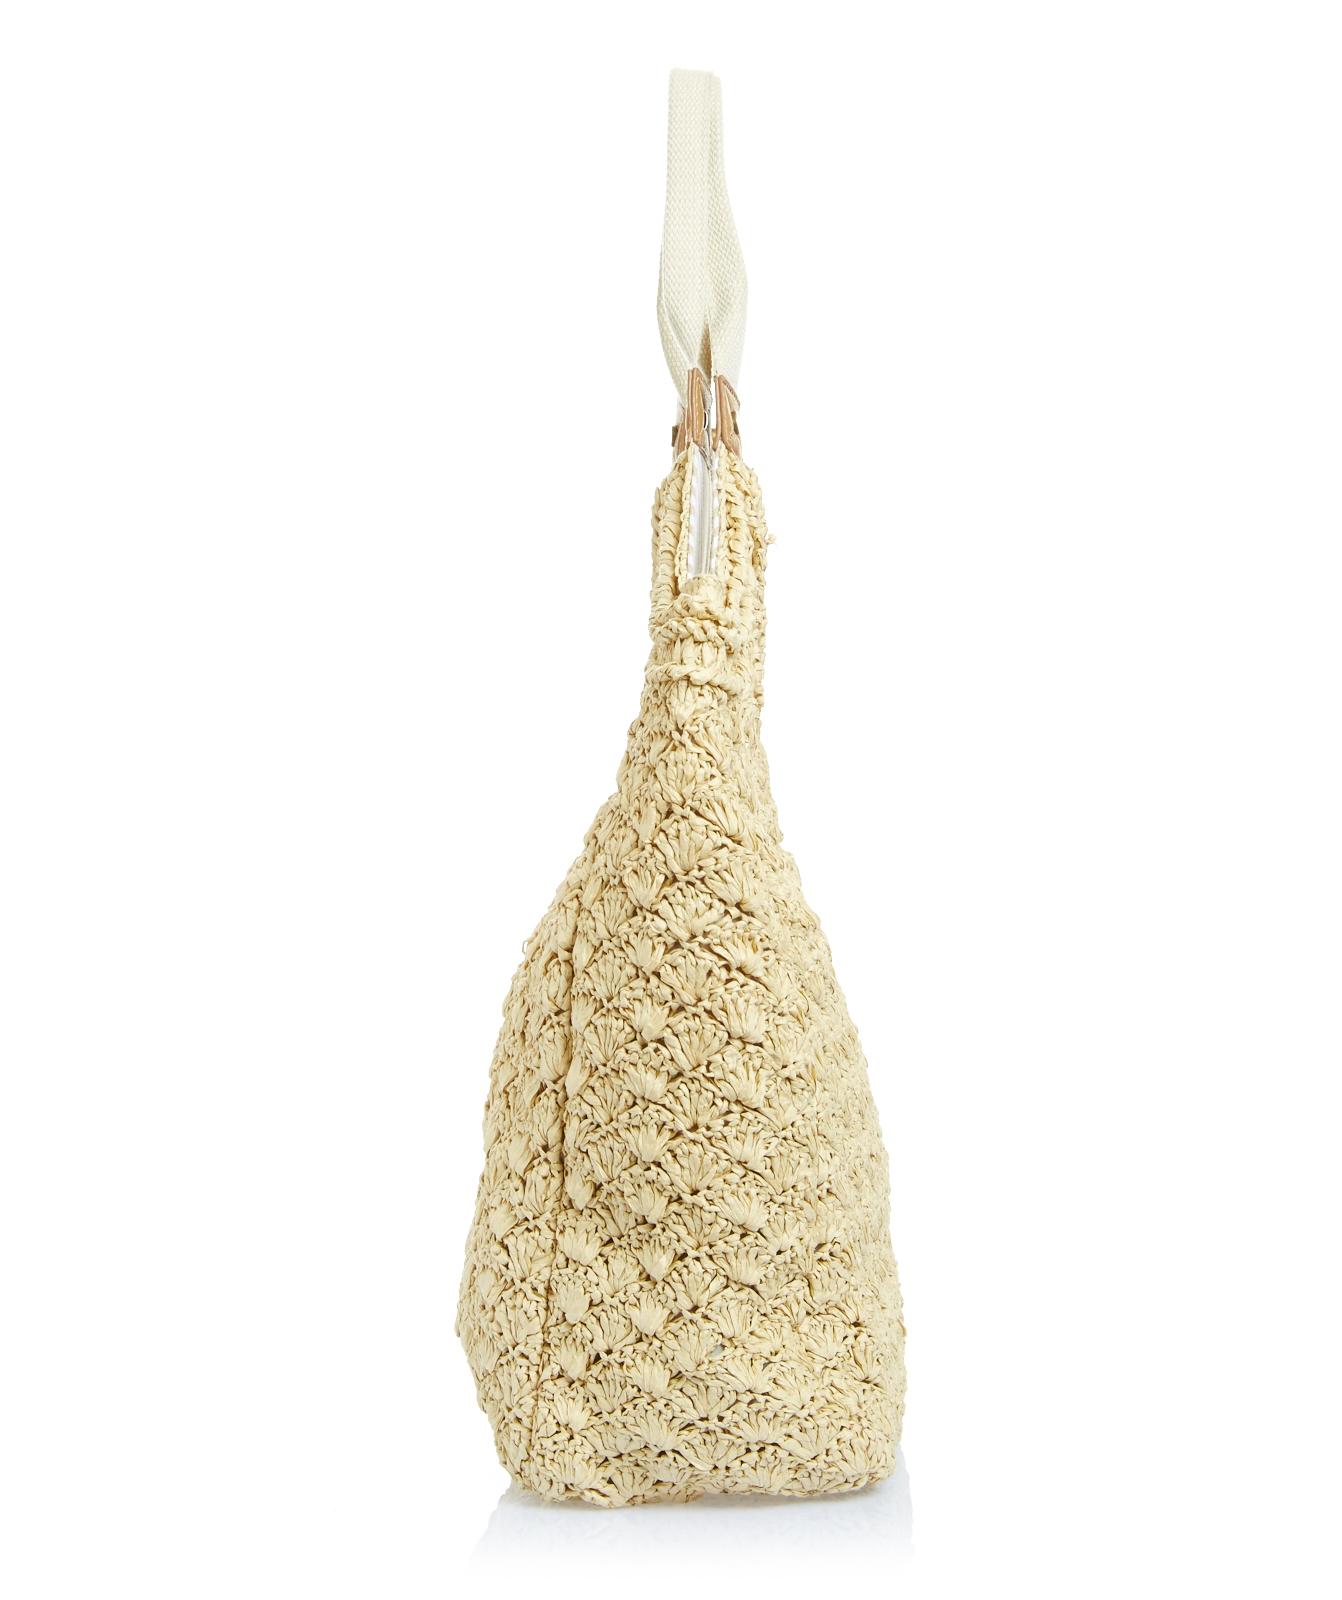 Costa Woven Bag, Sportscraft Online